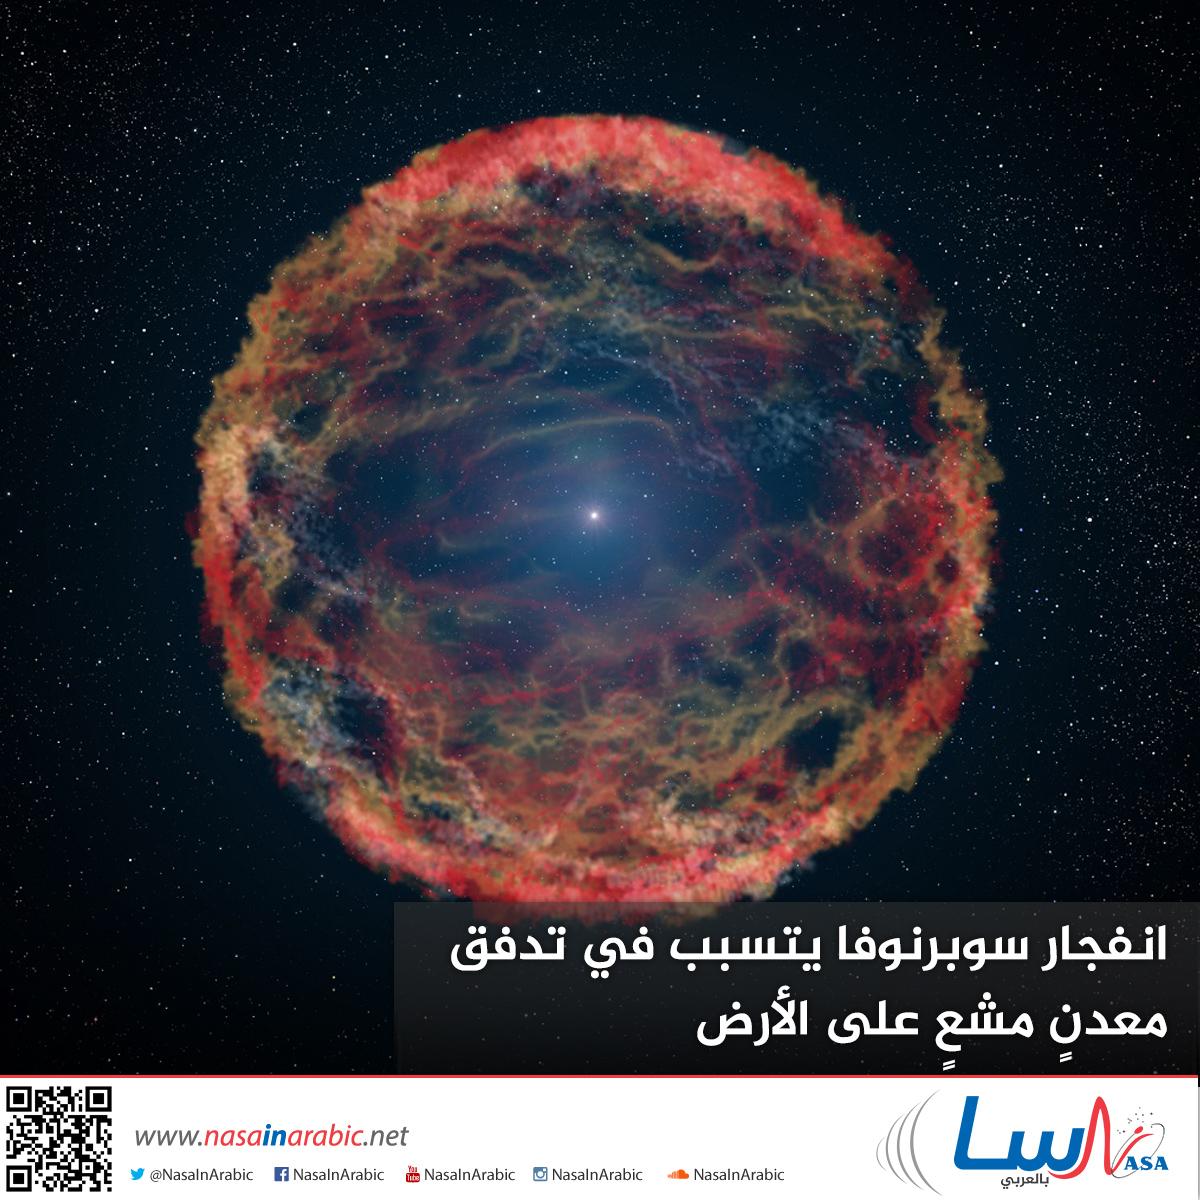 انفجار سوبرنوفا يتسبب في تدفق معدنٍ مشعٍ على الأرض